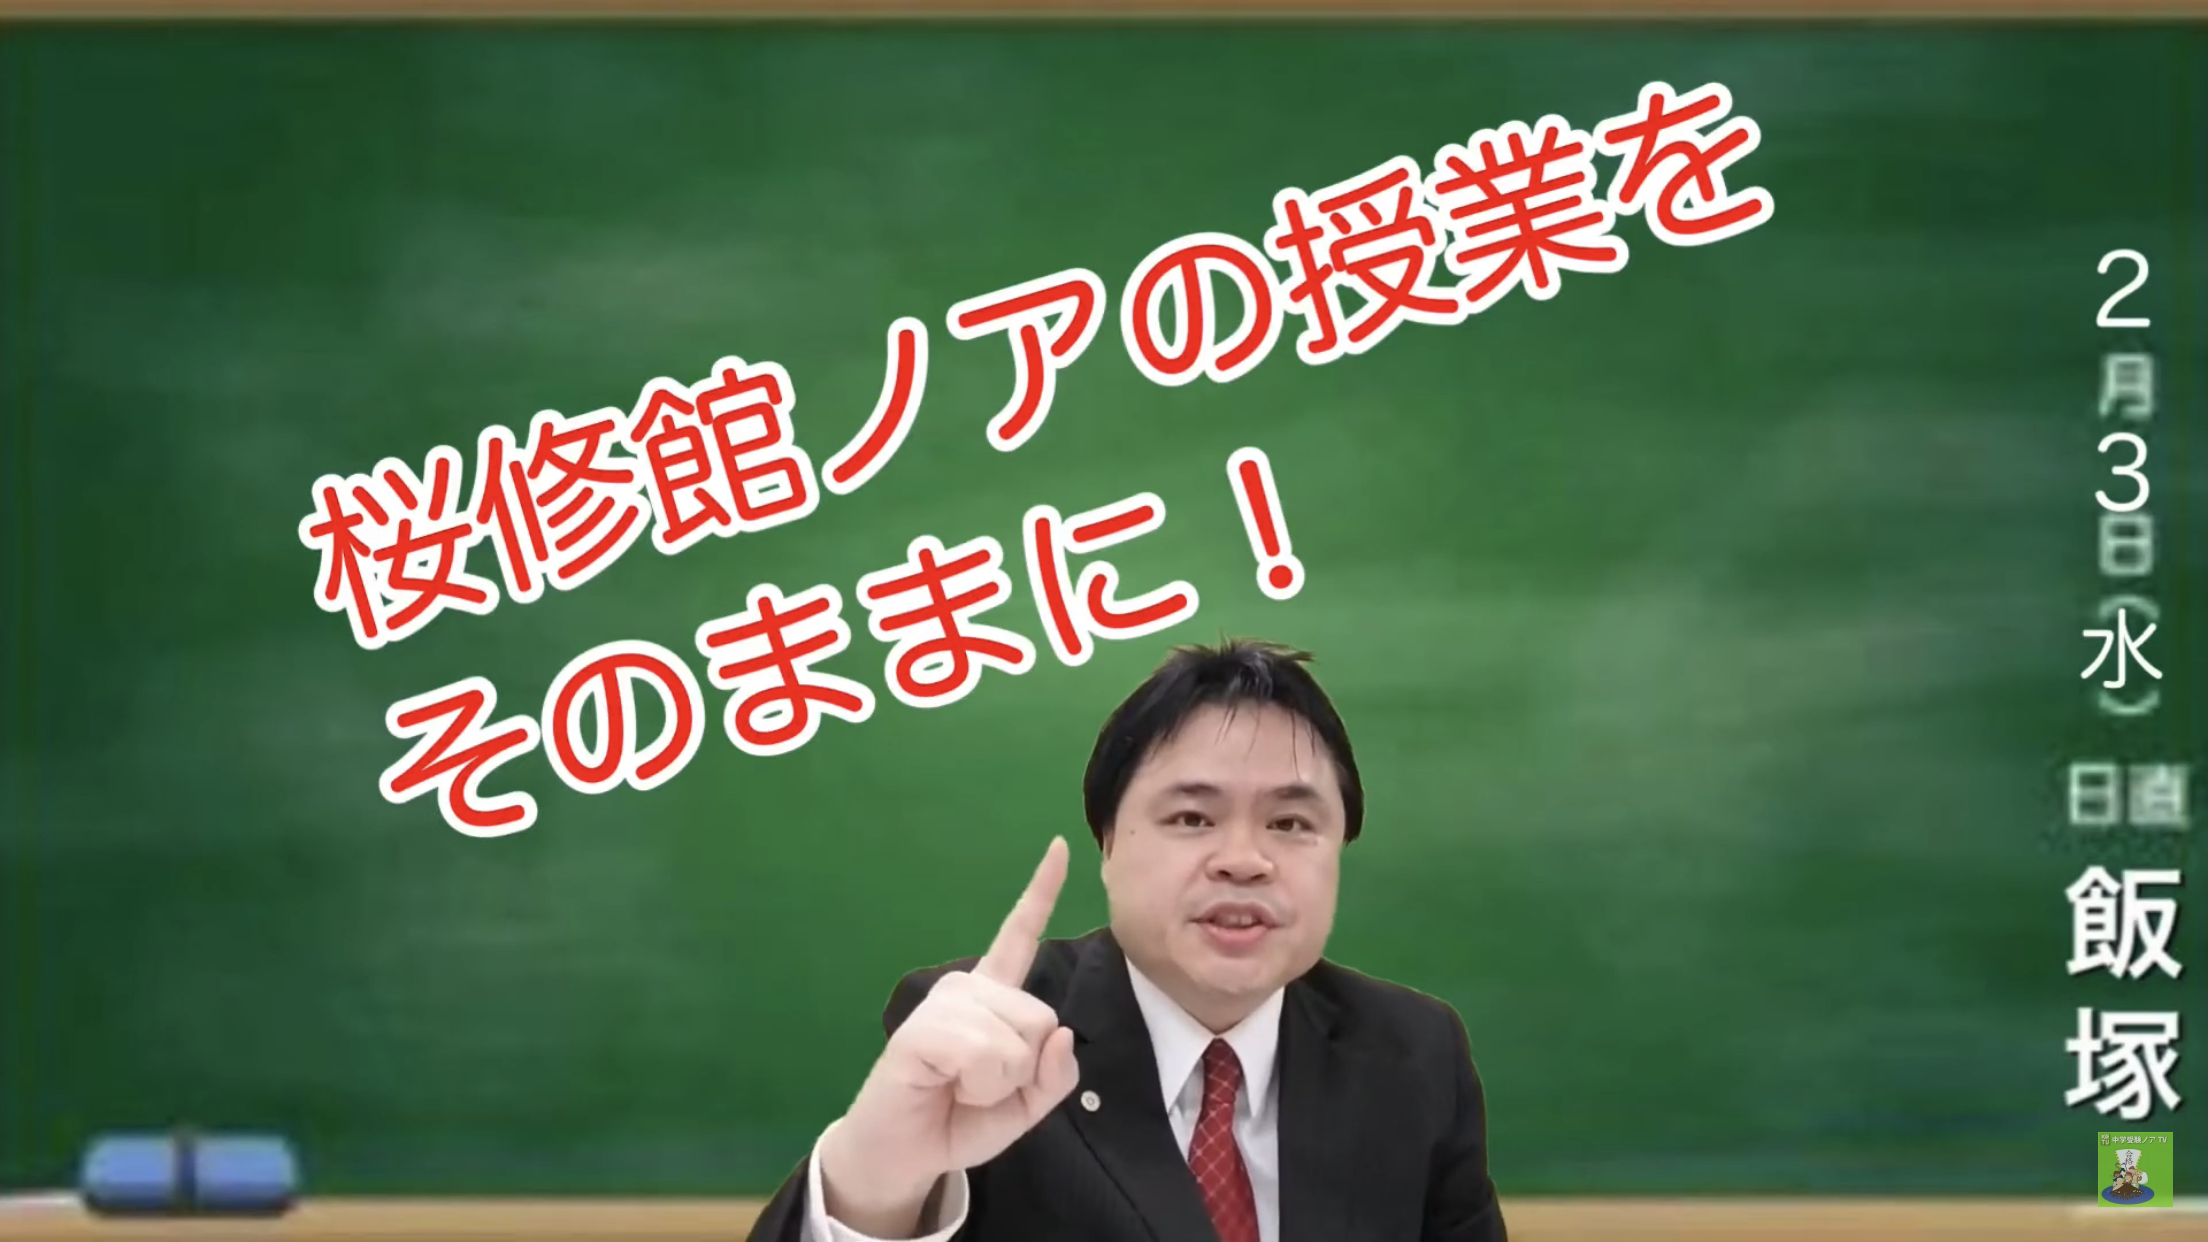 【作文編】桜修館ノア通信教室案内